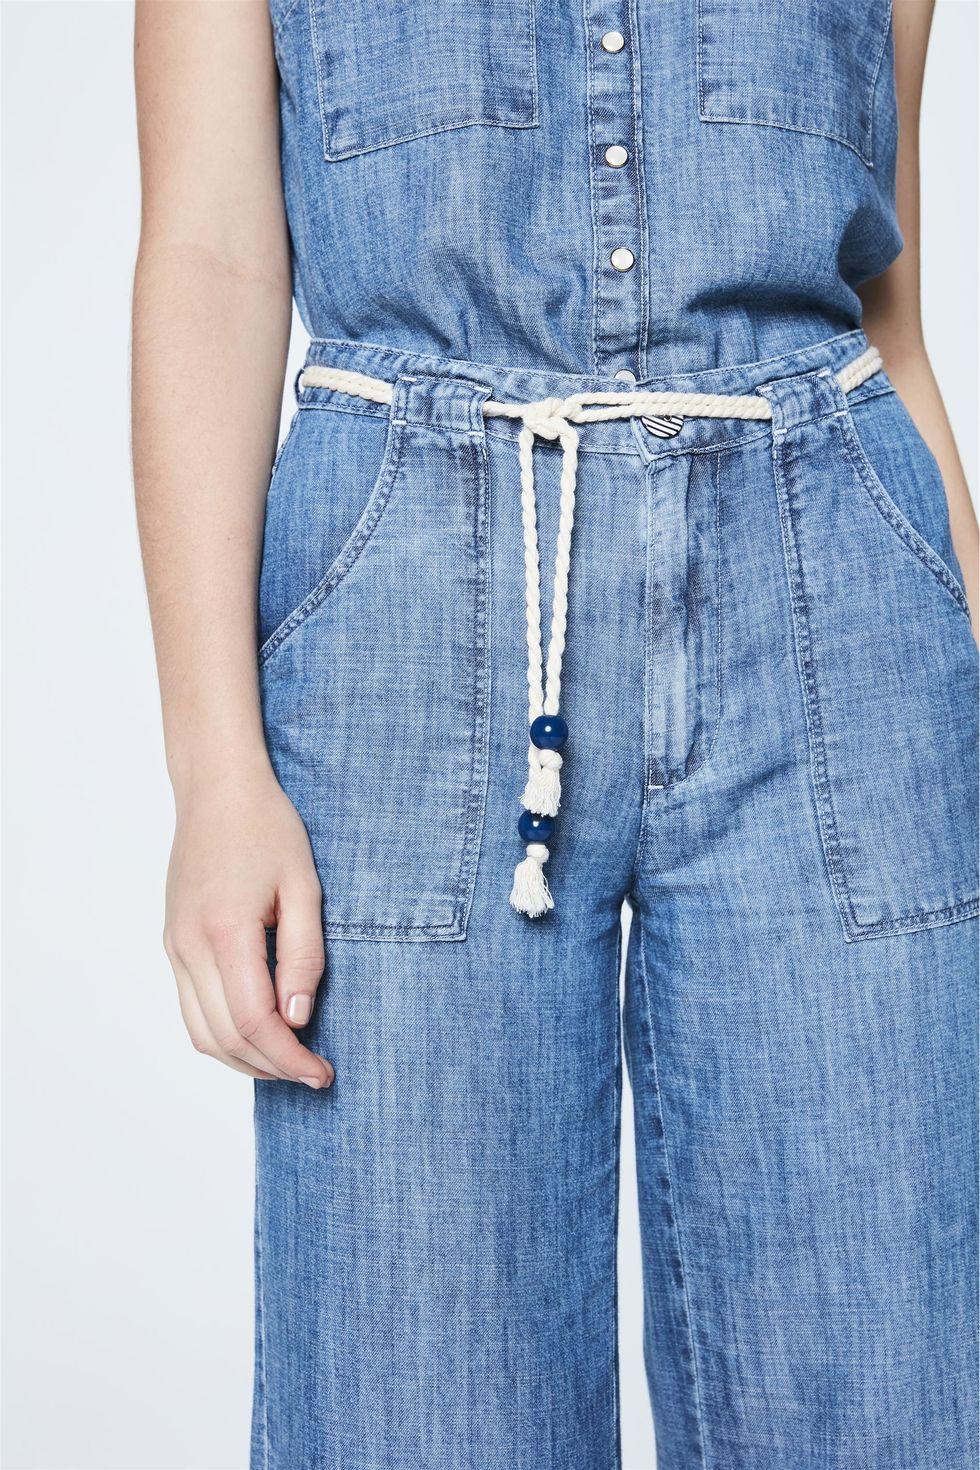 Pantacourt-Jeans-com-Amarracao-Frente--